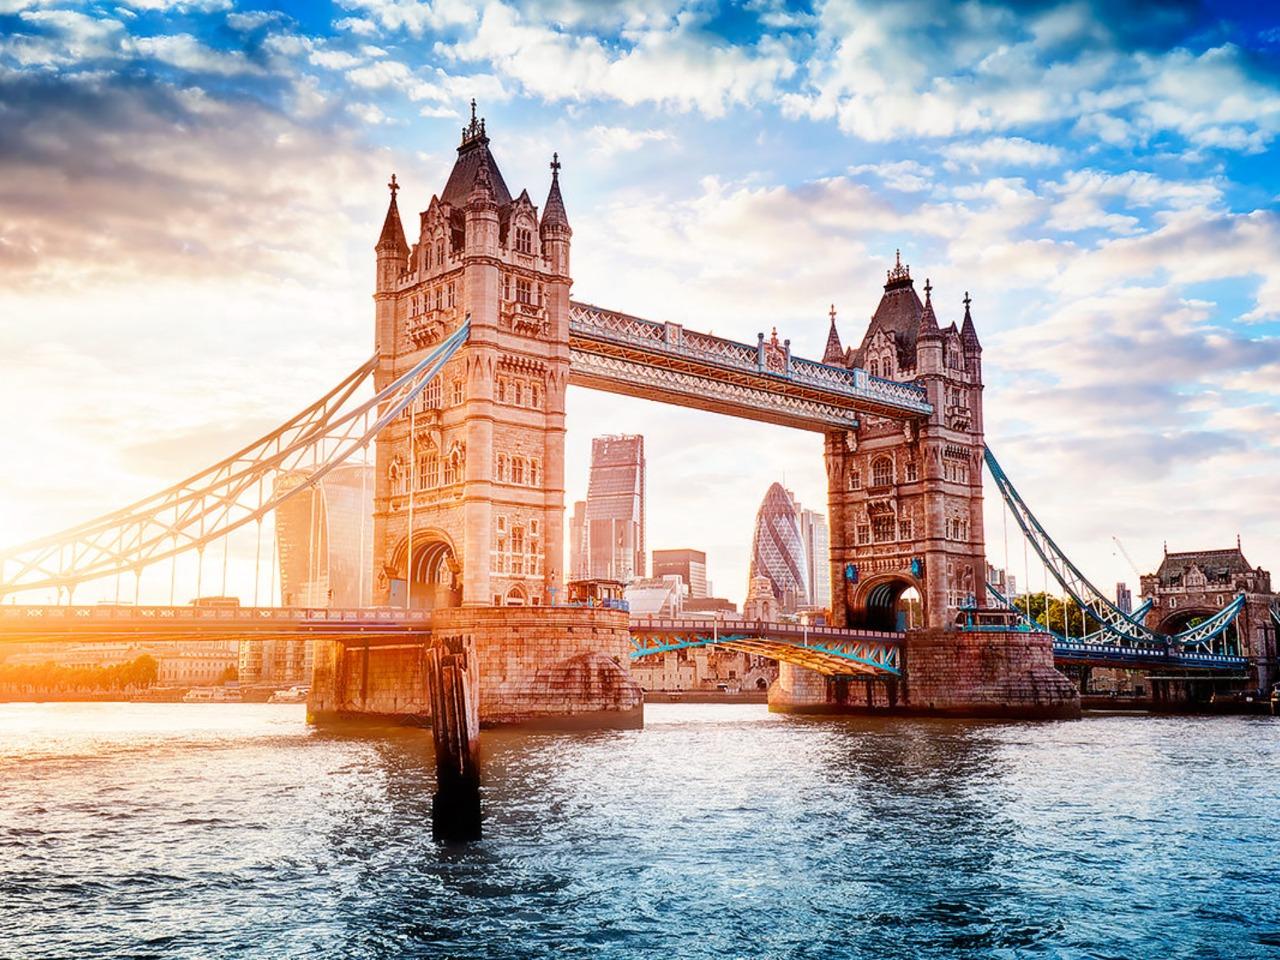 Tower, о Tower - индивидуальная экскурсия по Лондону от опытного гида